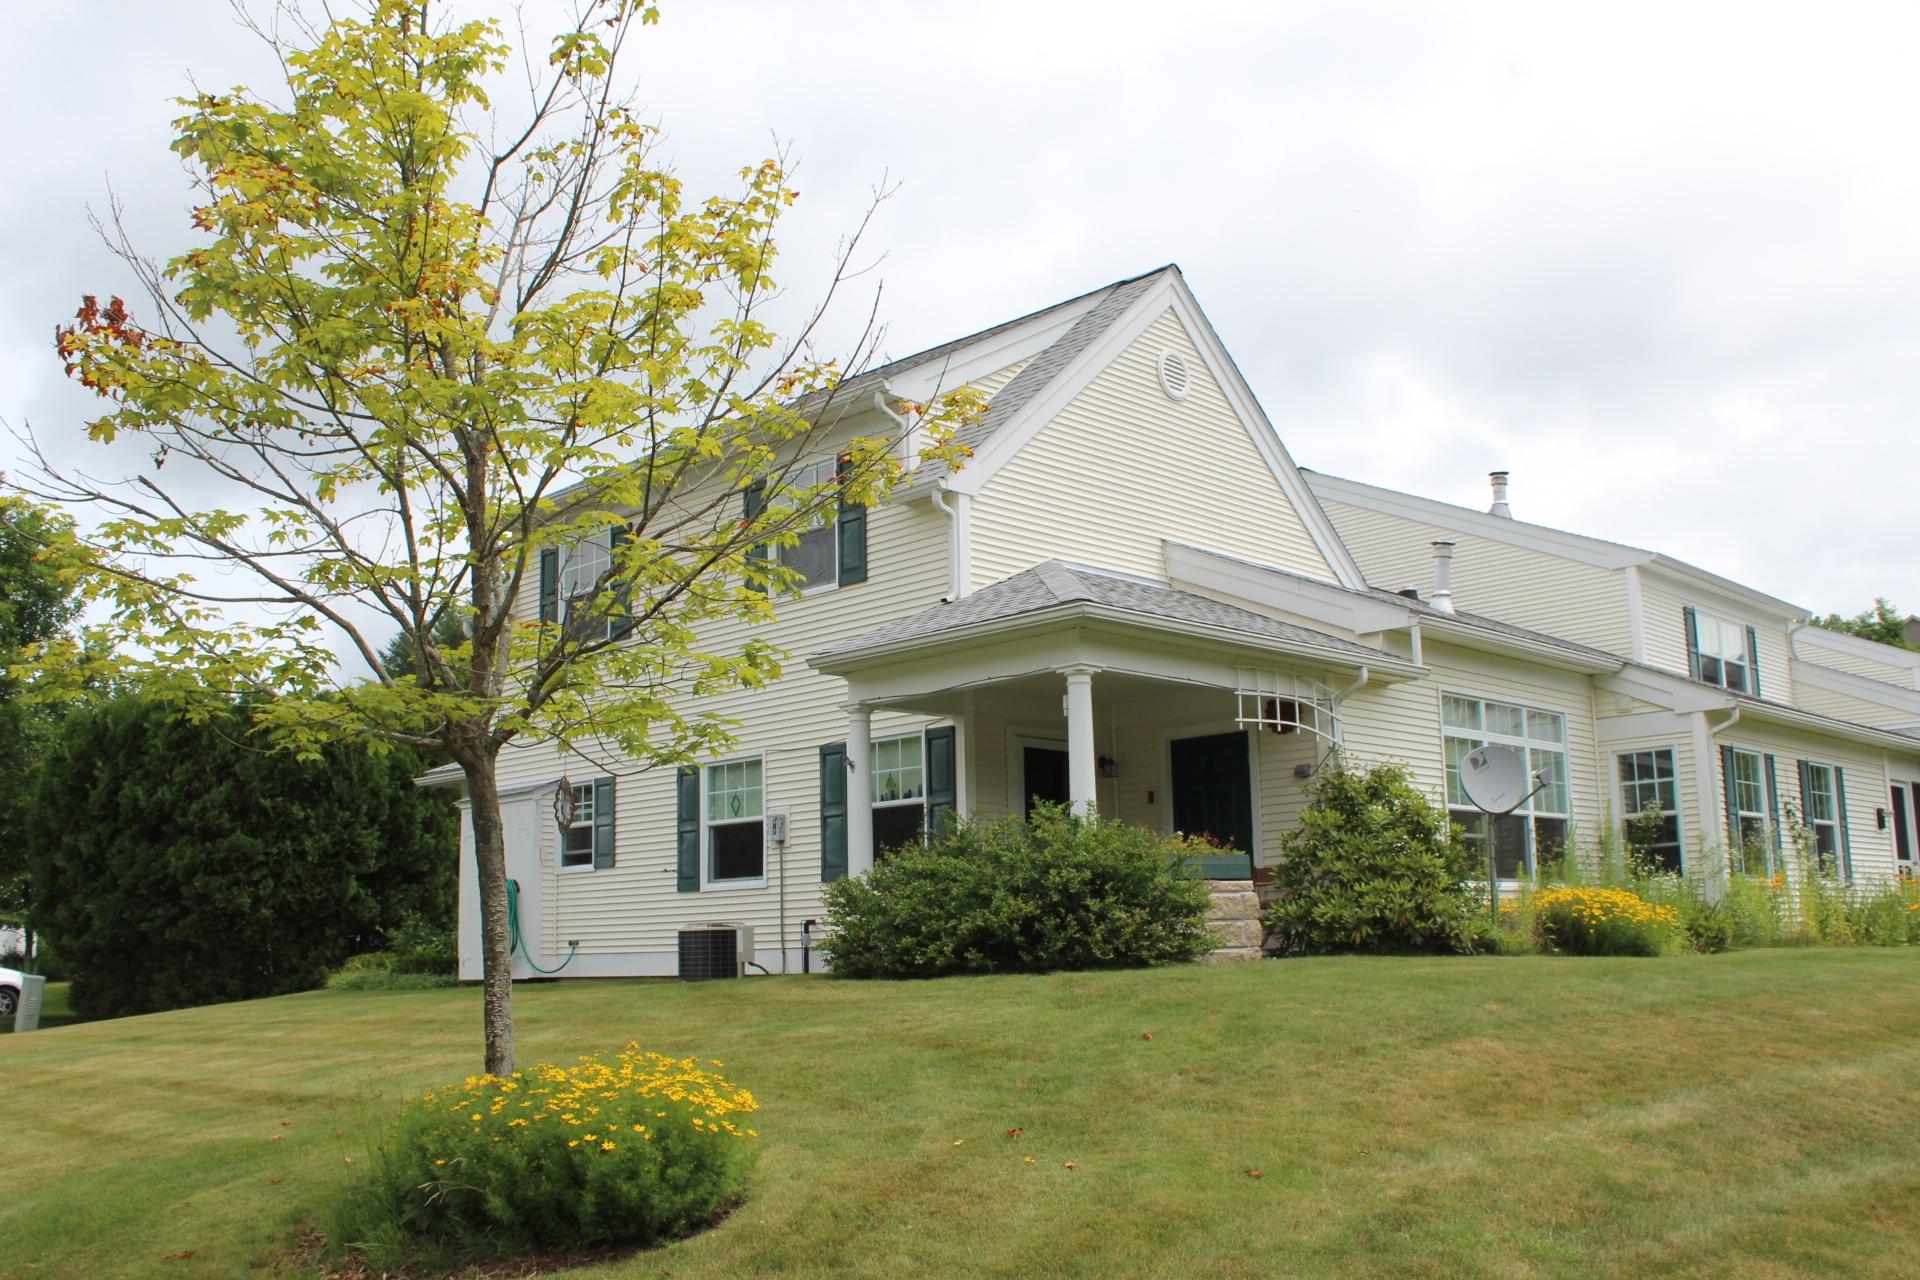 Condominium for Sale at 2 Arbor Court, Unit A4 A4, Lebanon 2 N Arbor Court, Unit A4 A4 Lebanon, New Hampshire, 03766 United States